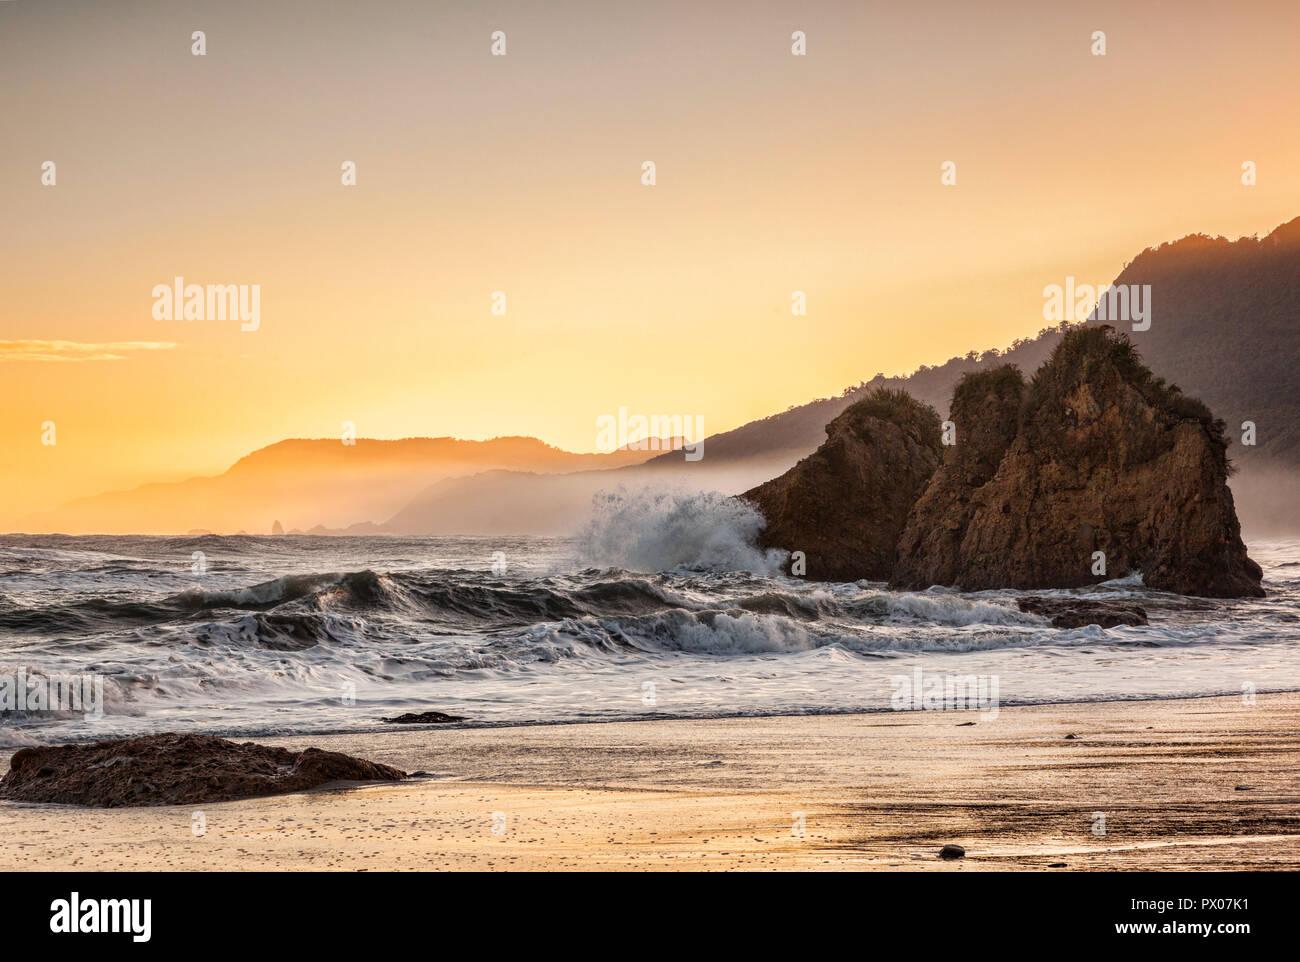 Una salvaje mañana en la Bahía del pájaro carpintero, el Parque Nacional de Paparoa, Costa oeste, Nueva Zelanda Imagen De Stock